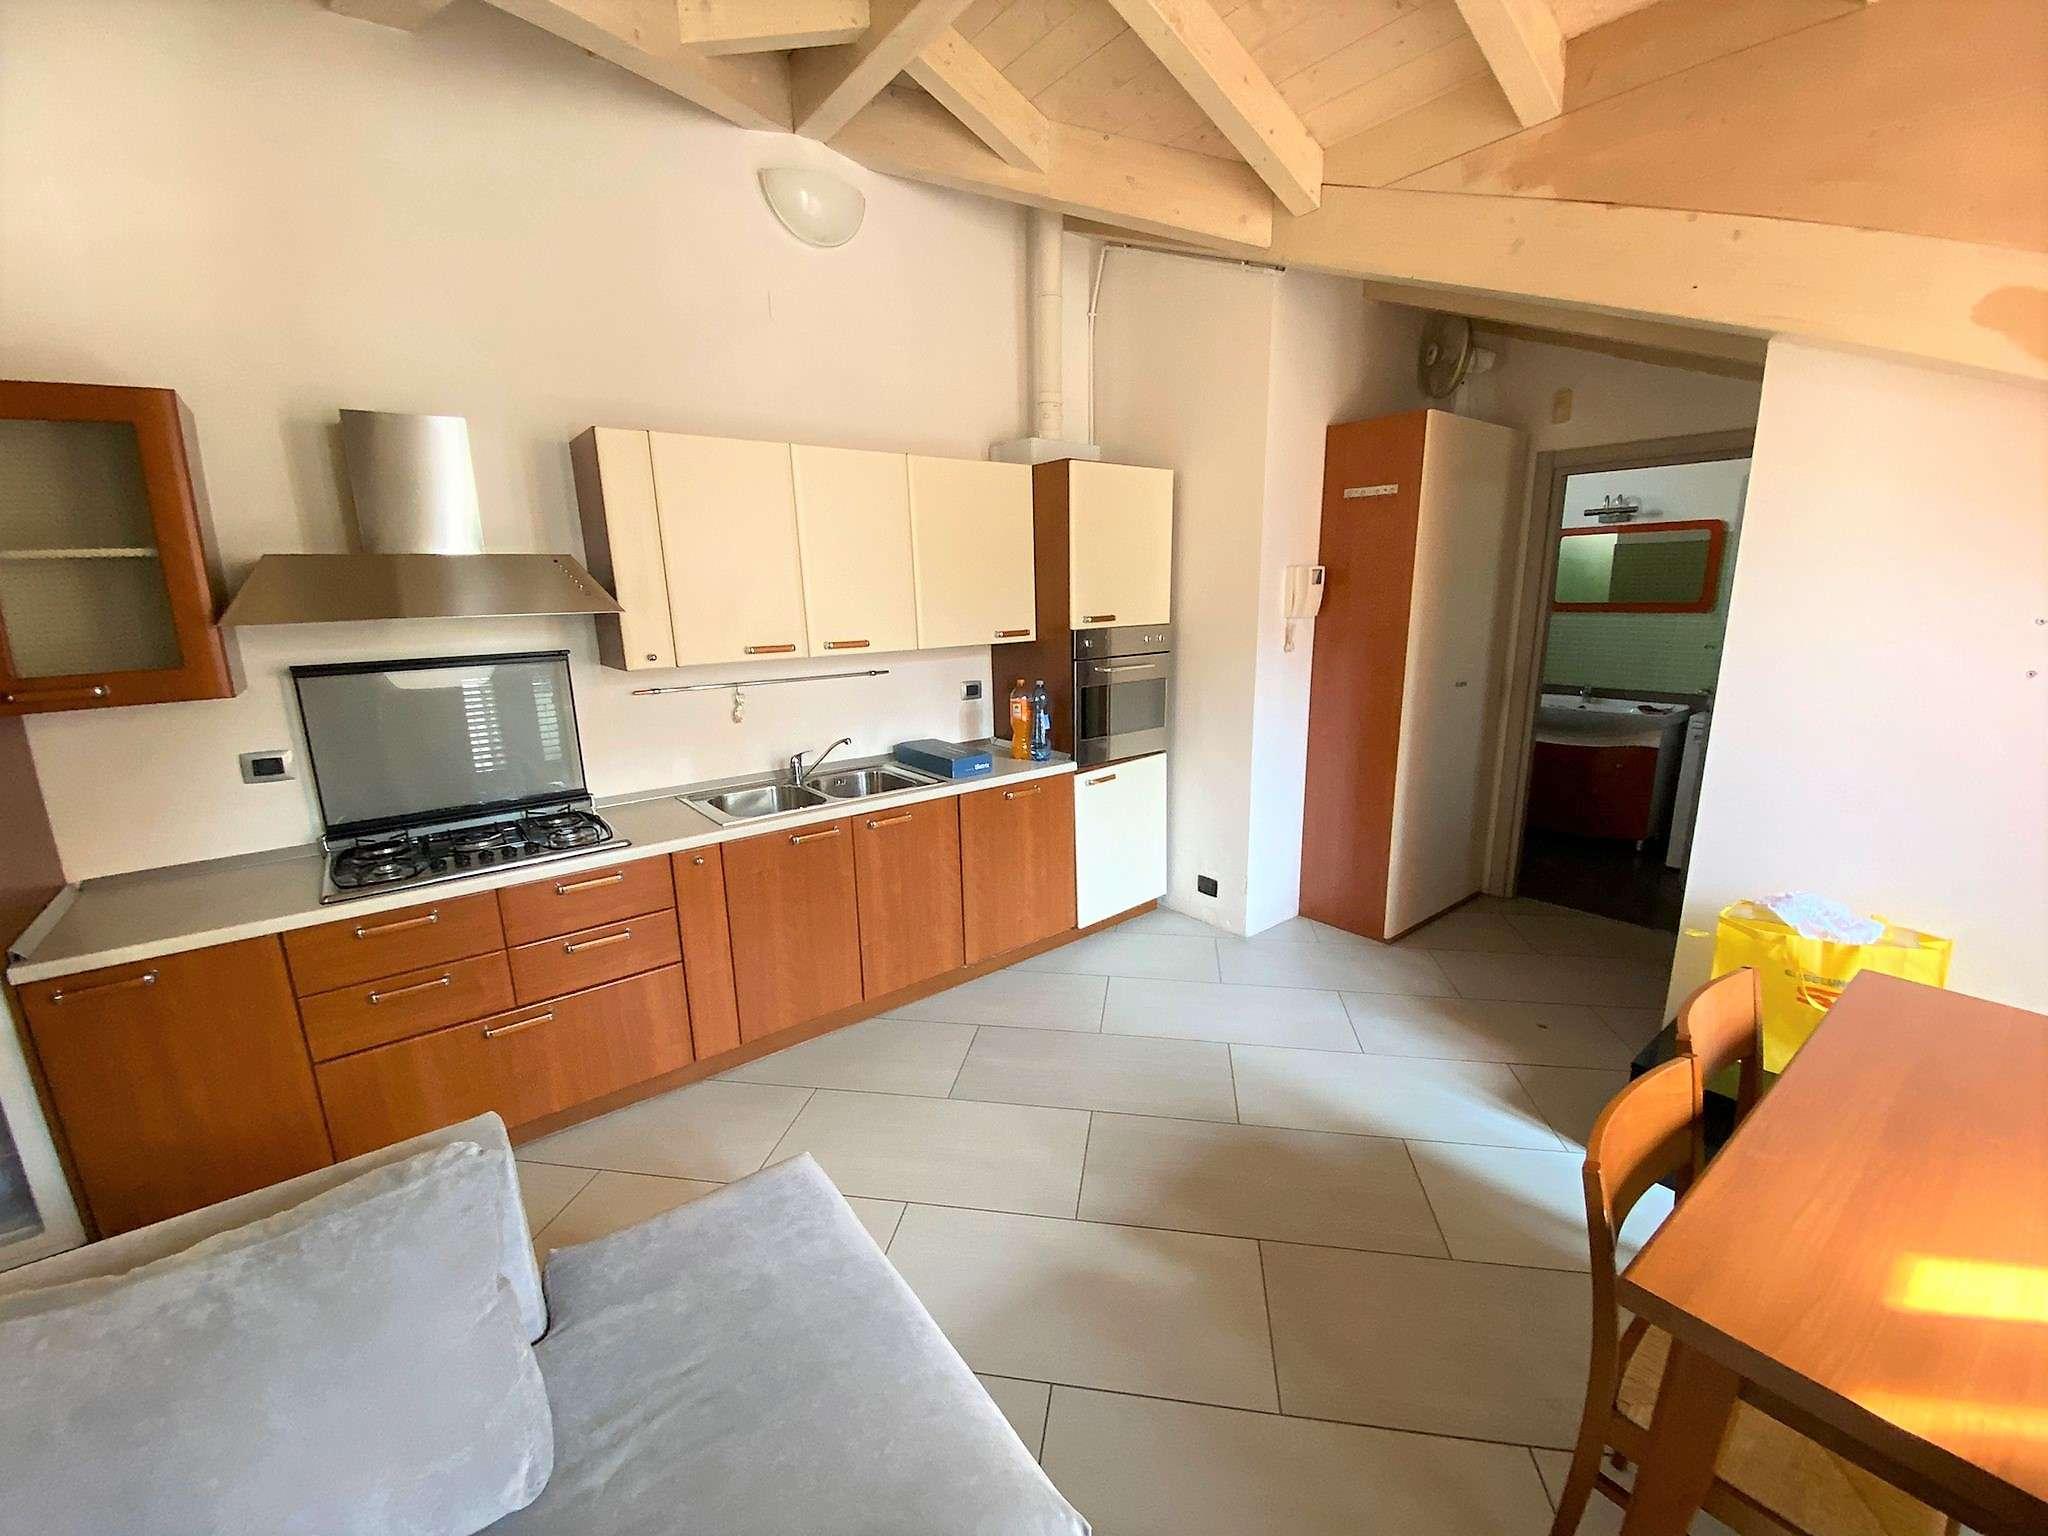 Appartamento in affitto a Cinisello Balsamo, 2 locali, prezzo € 600 | PortaleAgenzieImmobiliari.it